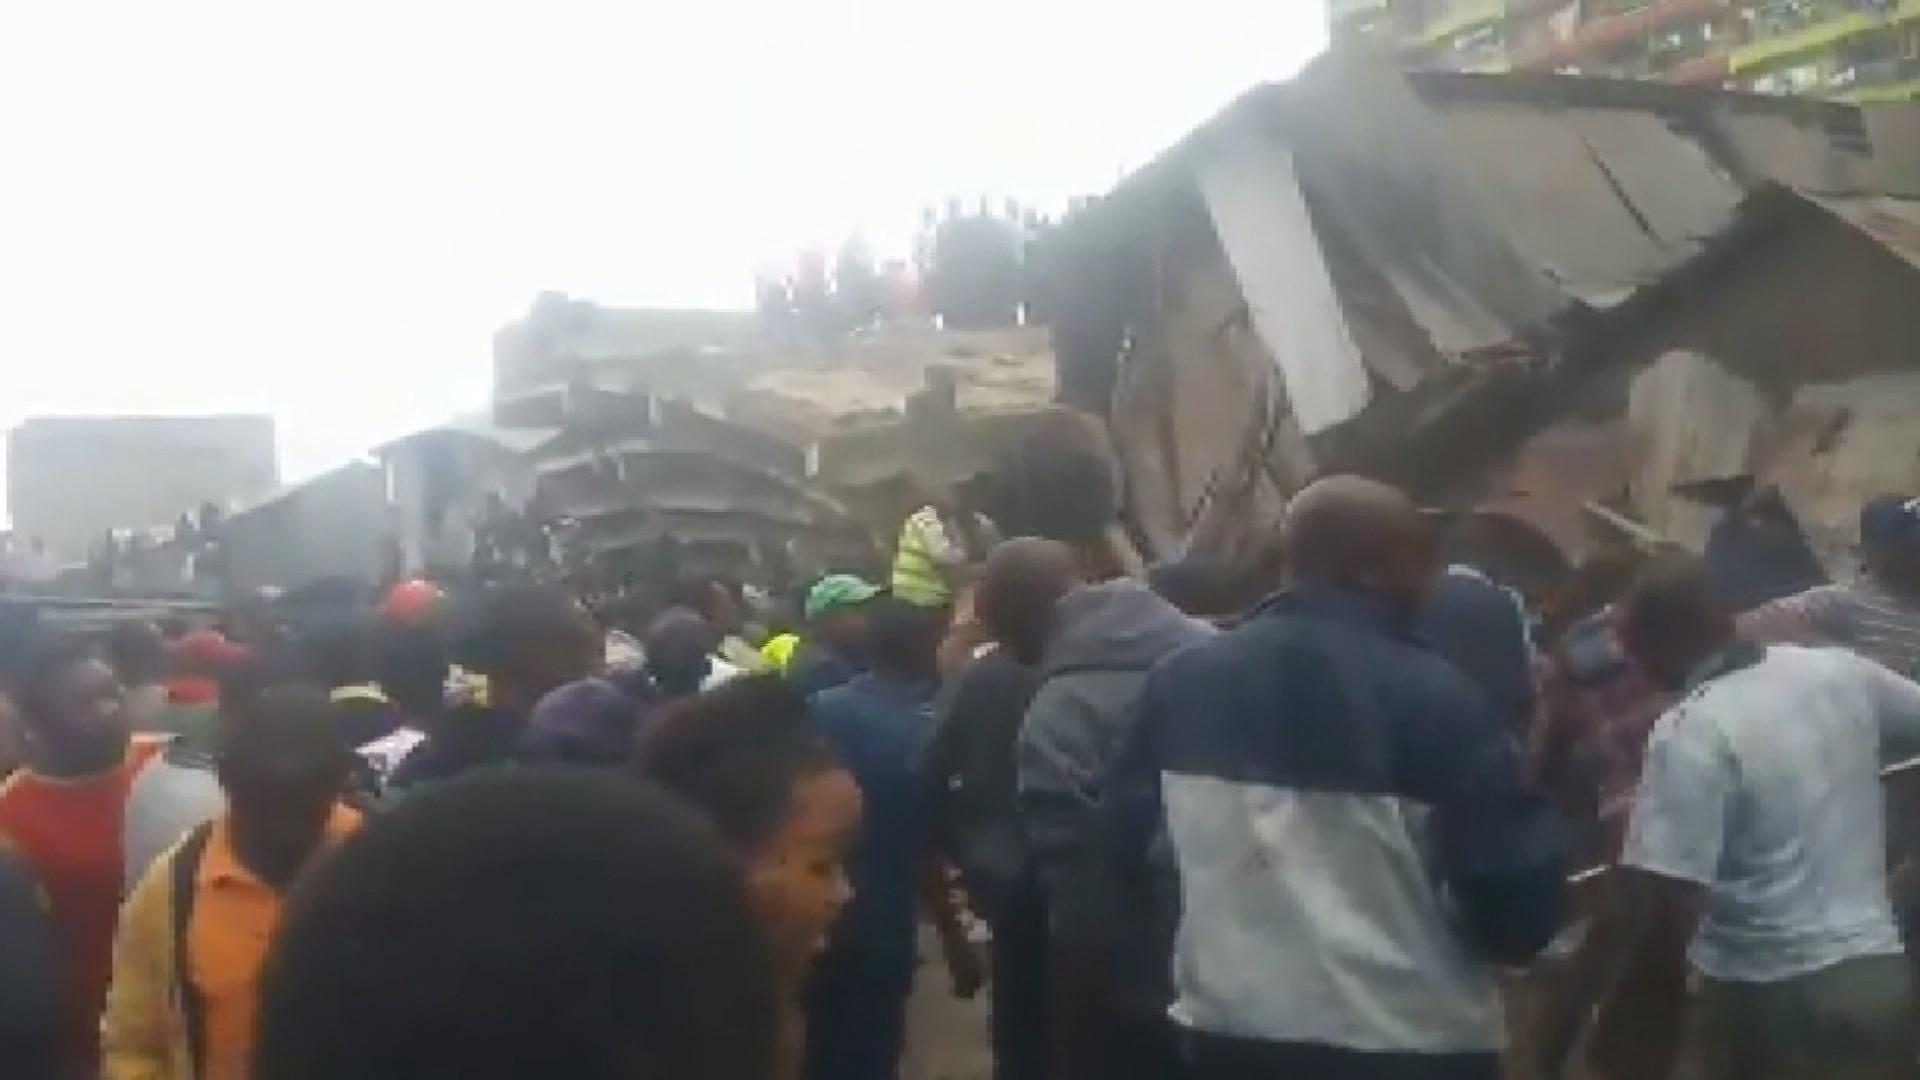 Kenya'da 6 katlı bina çöktü! Mahsur kalan kişi sayısı bilinmiyor